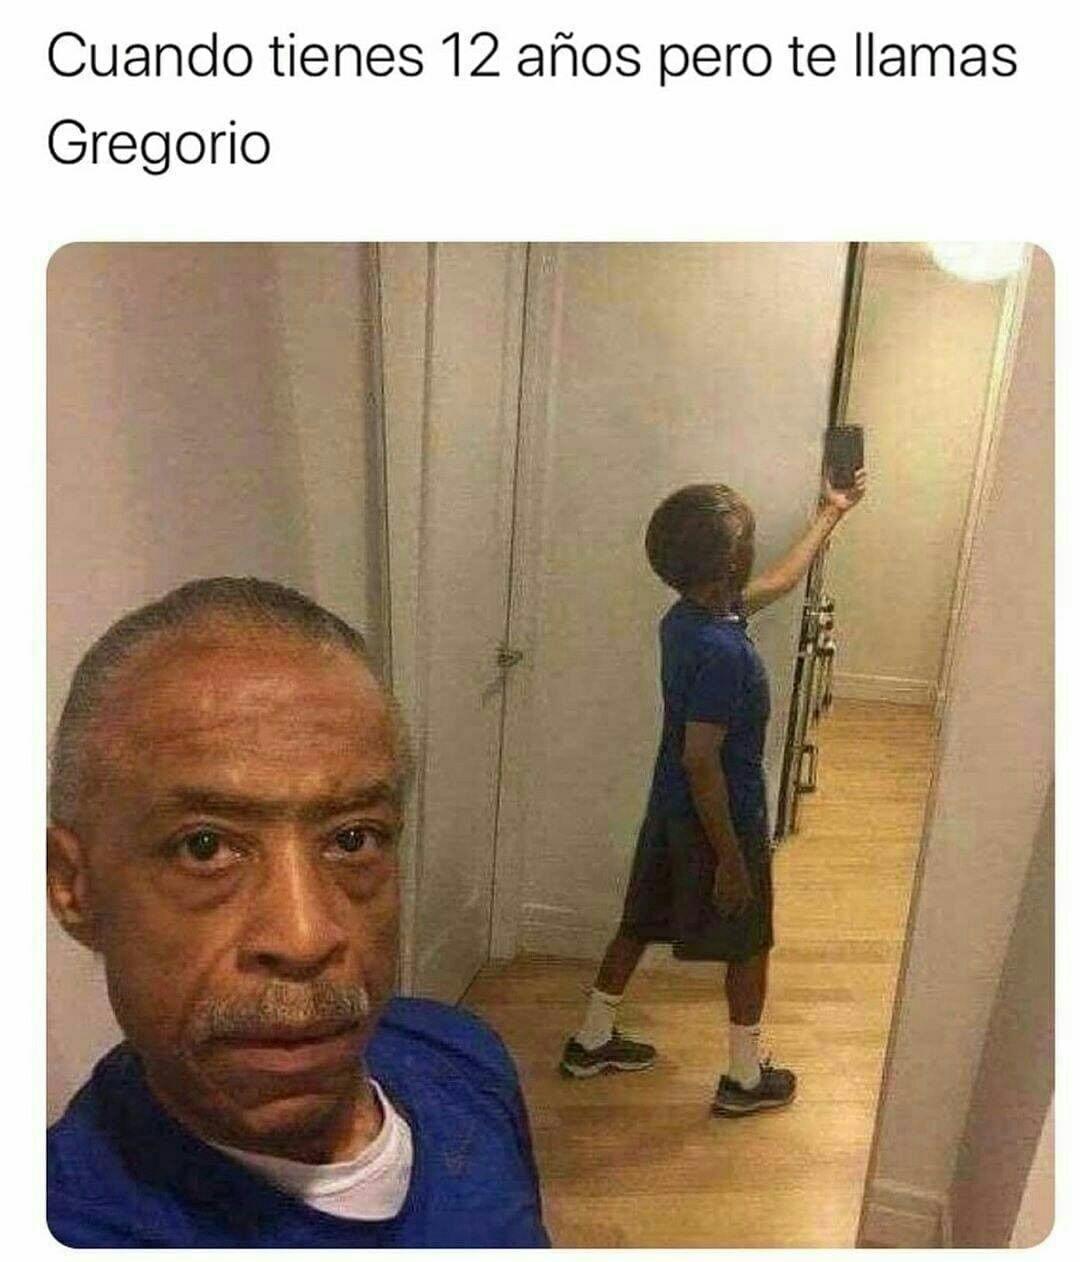 Cuando tienes 12 años pero te llamas Gregorio.